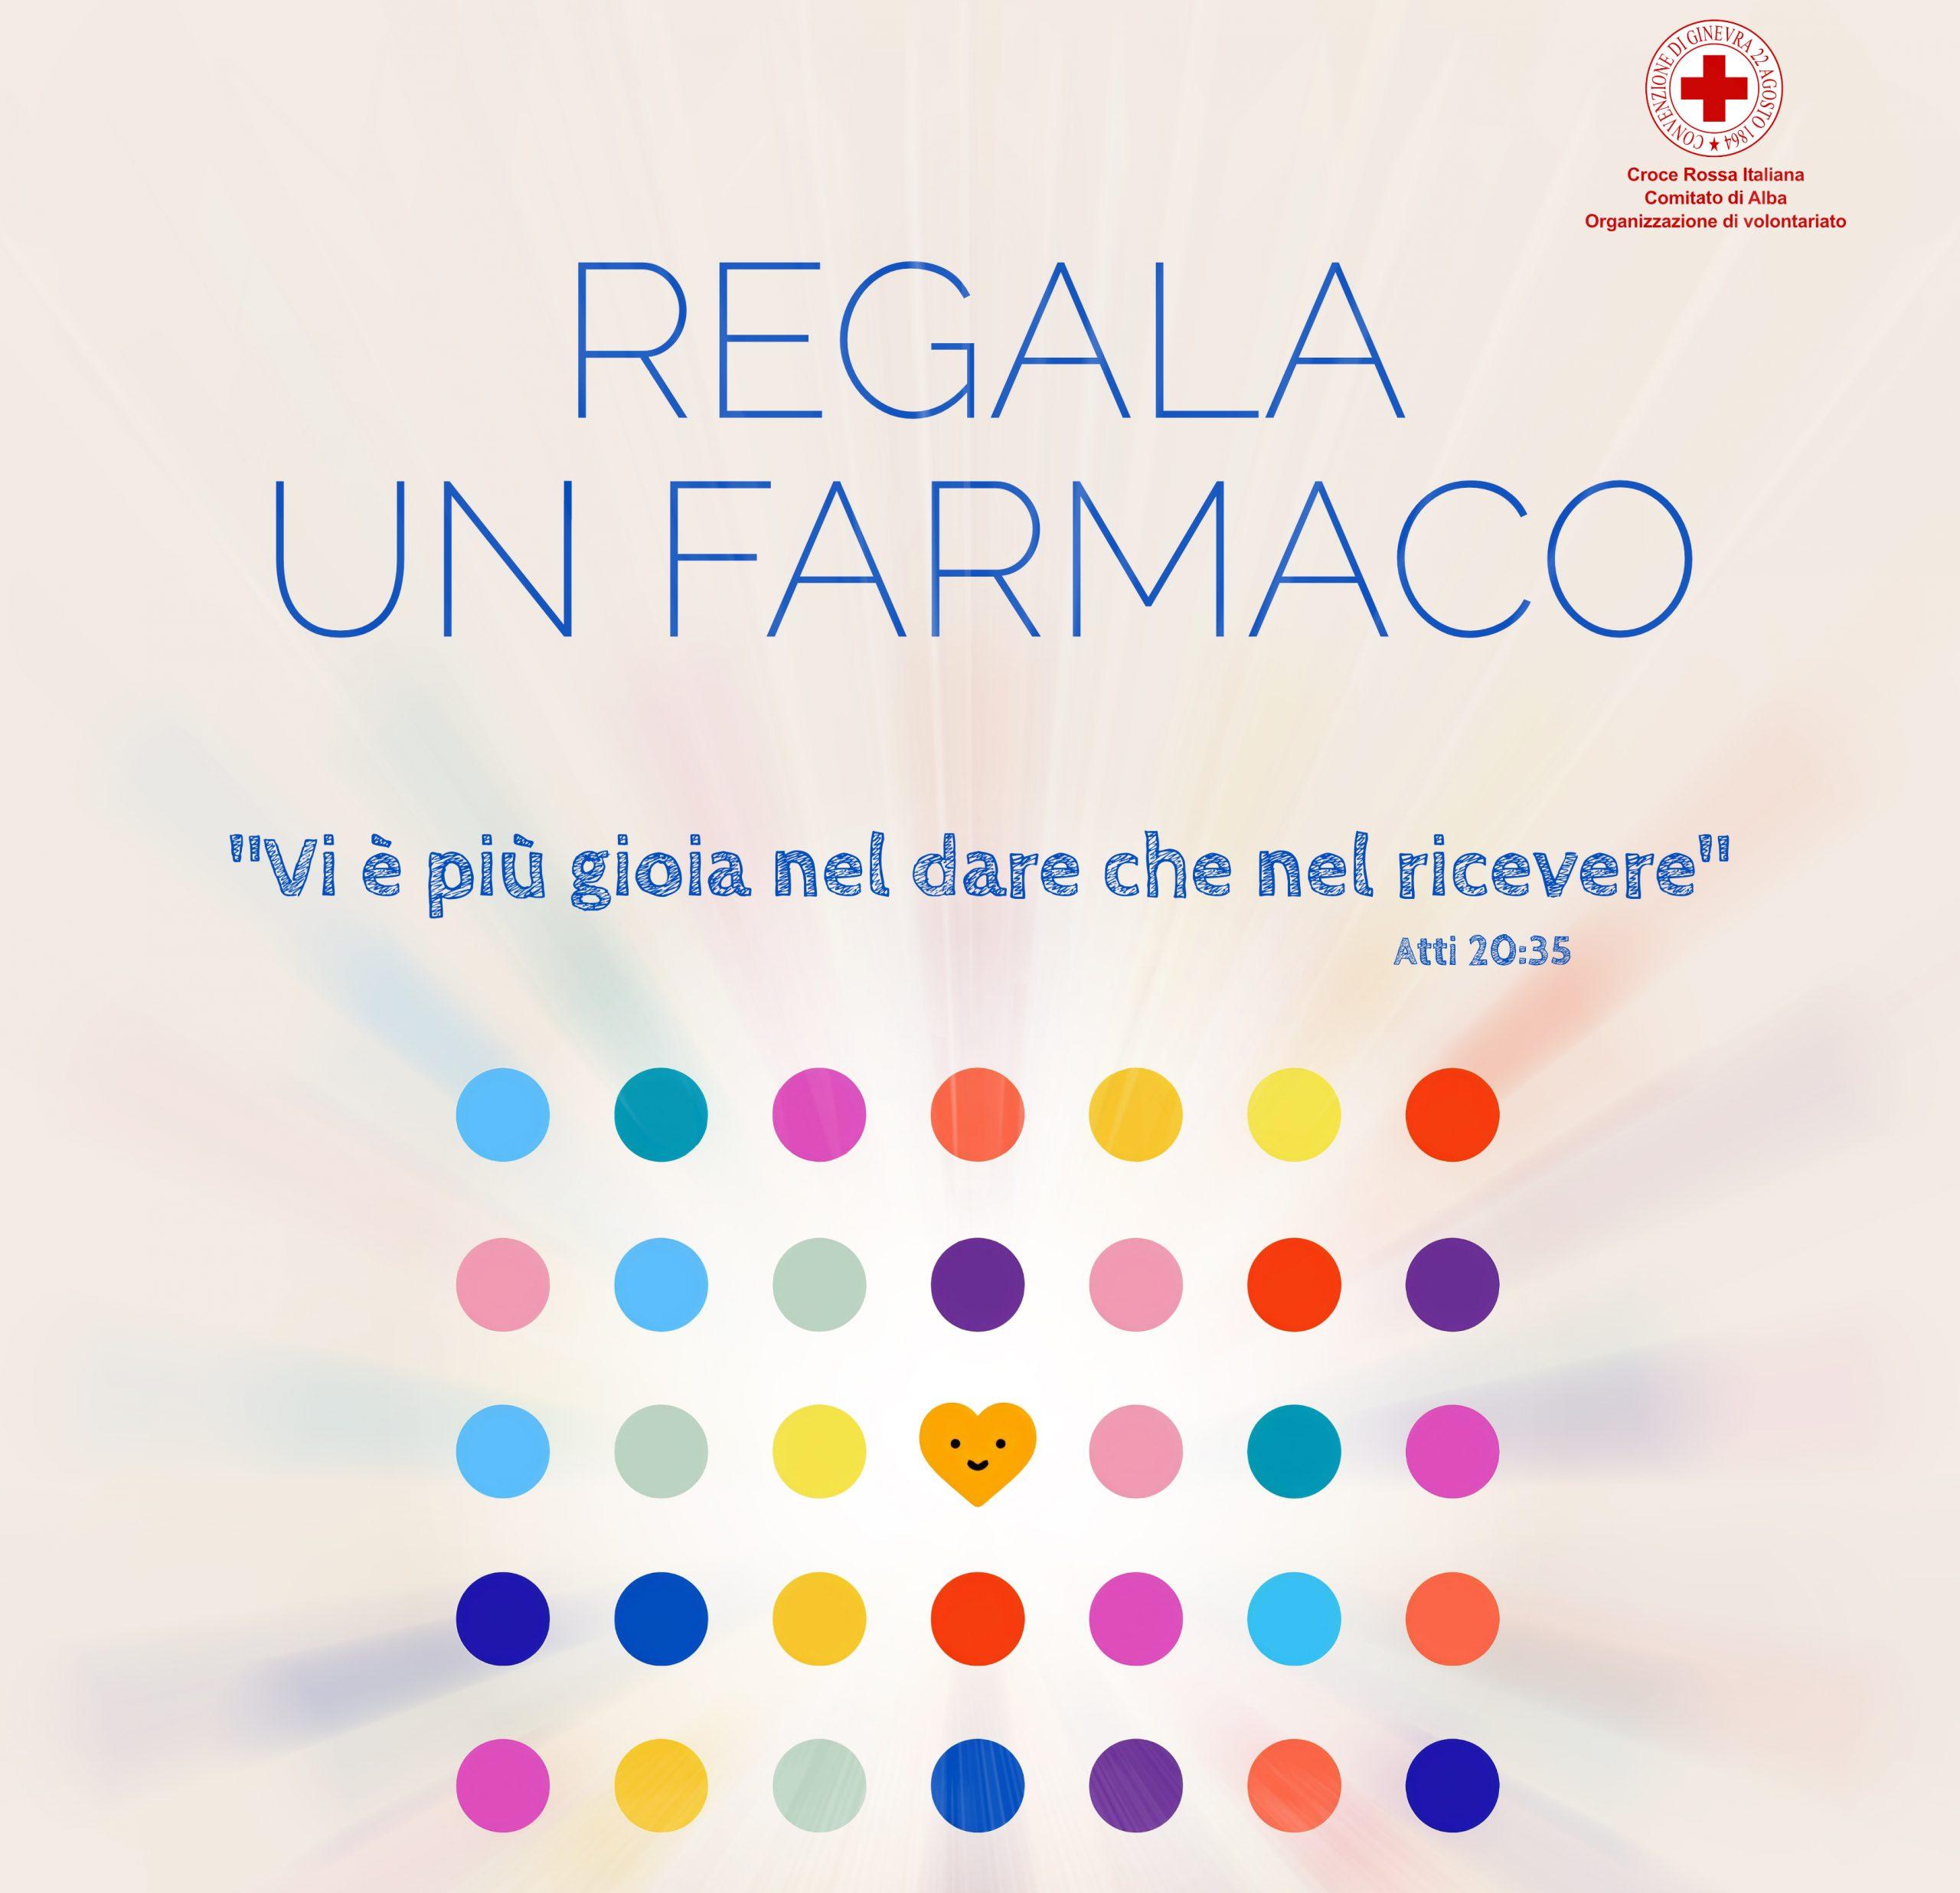 Croce Rossa Italiana: regaliamo un farmaco a chi ha bisogno